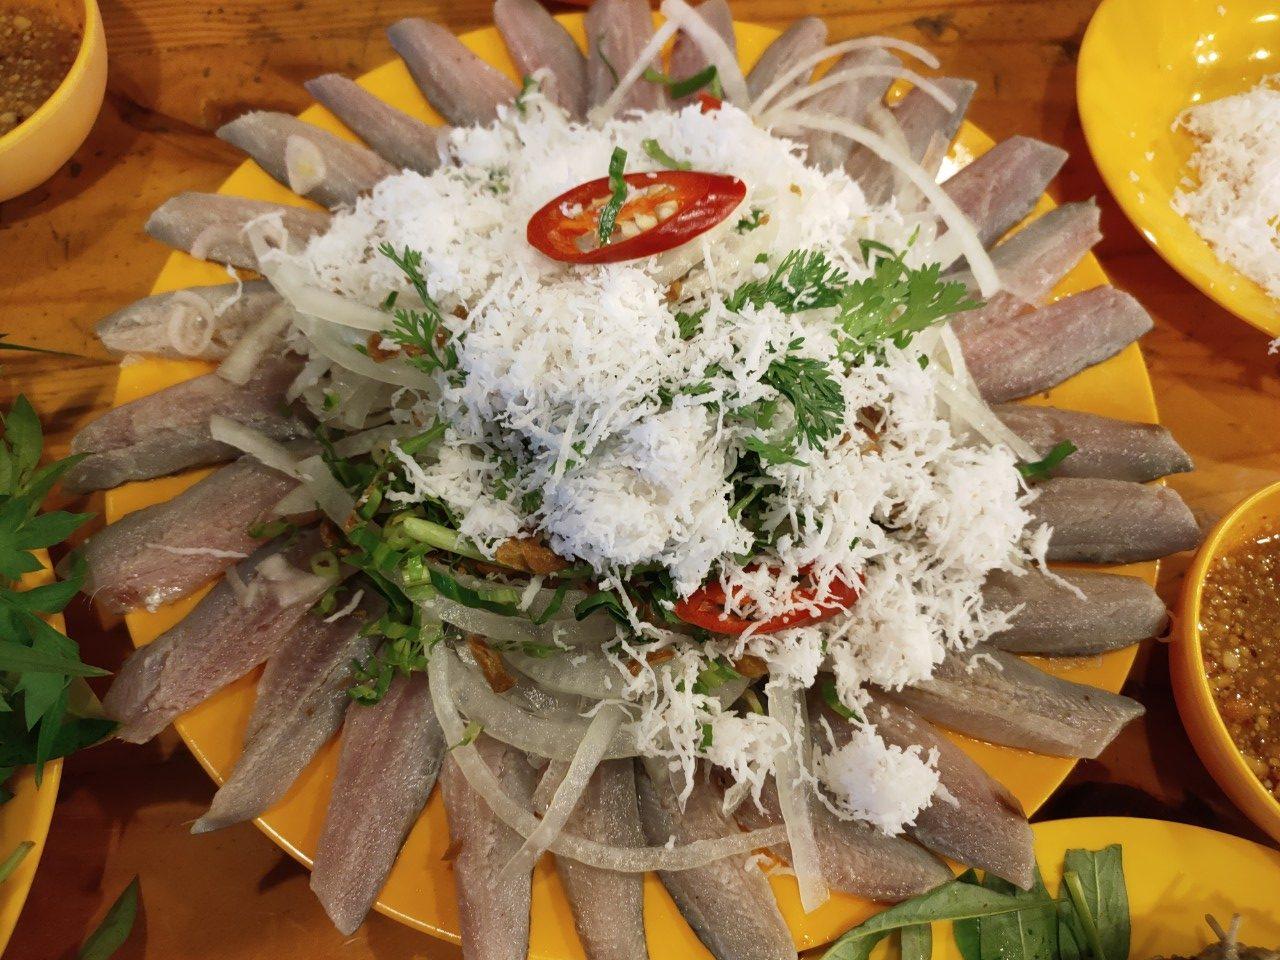 Thưởng thức gỏi cá trích trộn dừa ăn kèm rau sống khá lạ miệng - Nguồn ảnh: @anhi.tnat